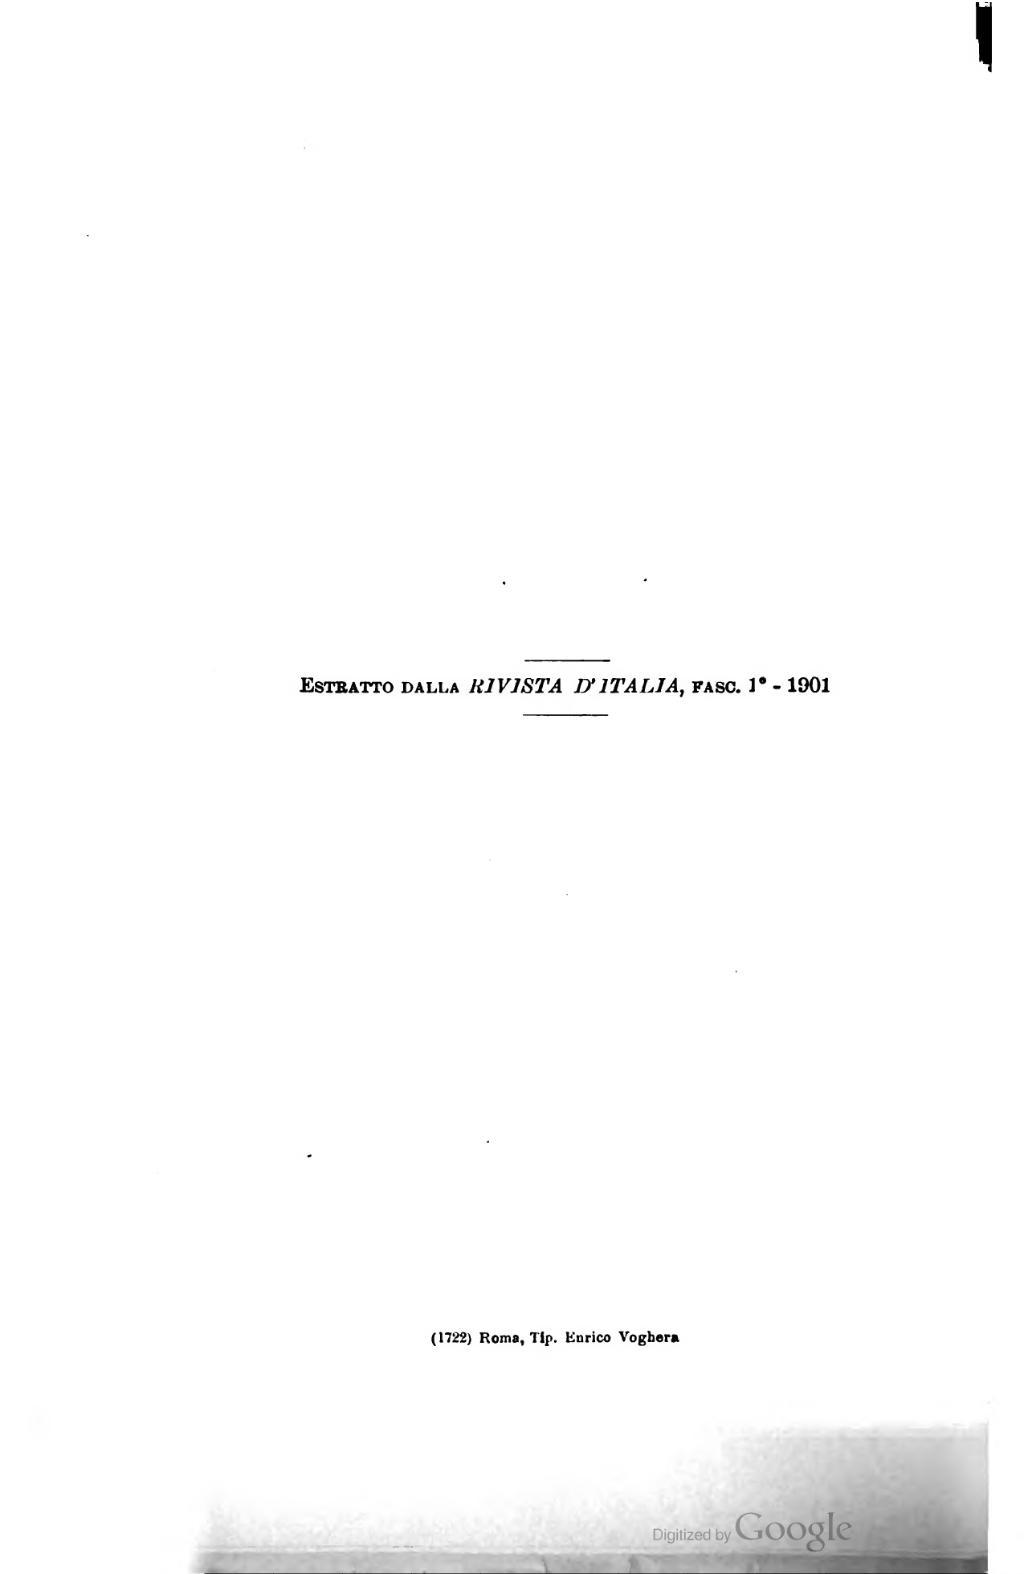 Pagina A Proposito Dei Sonetti Di Cesare Pascarellavu